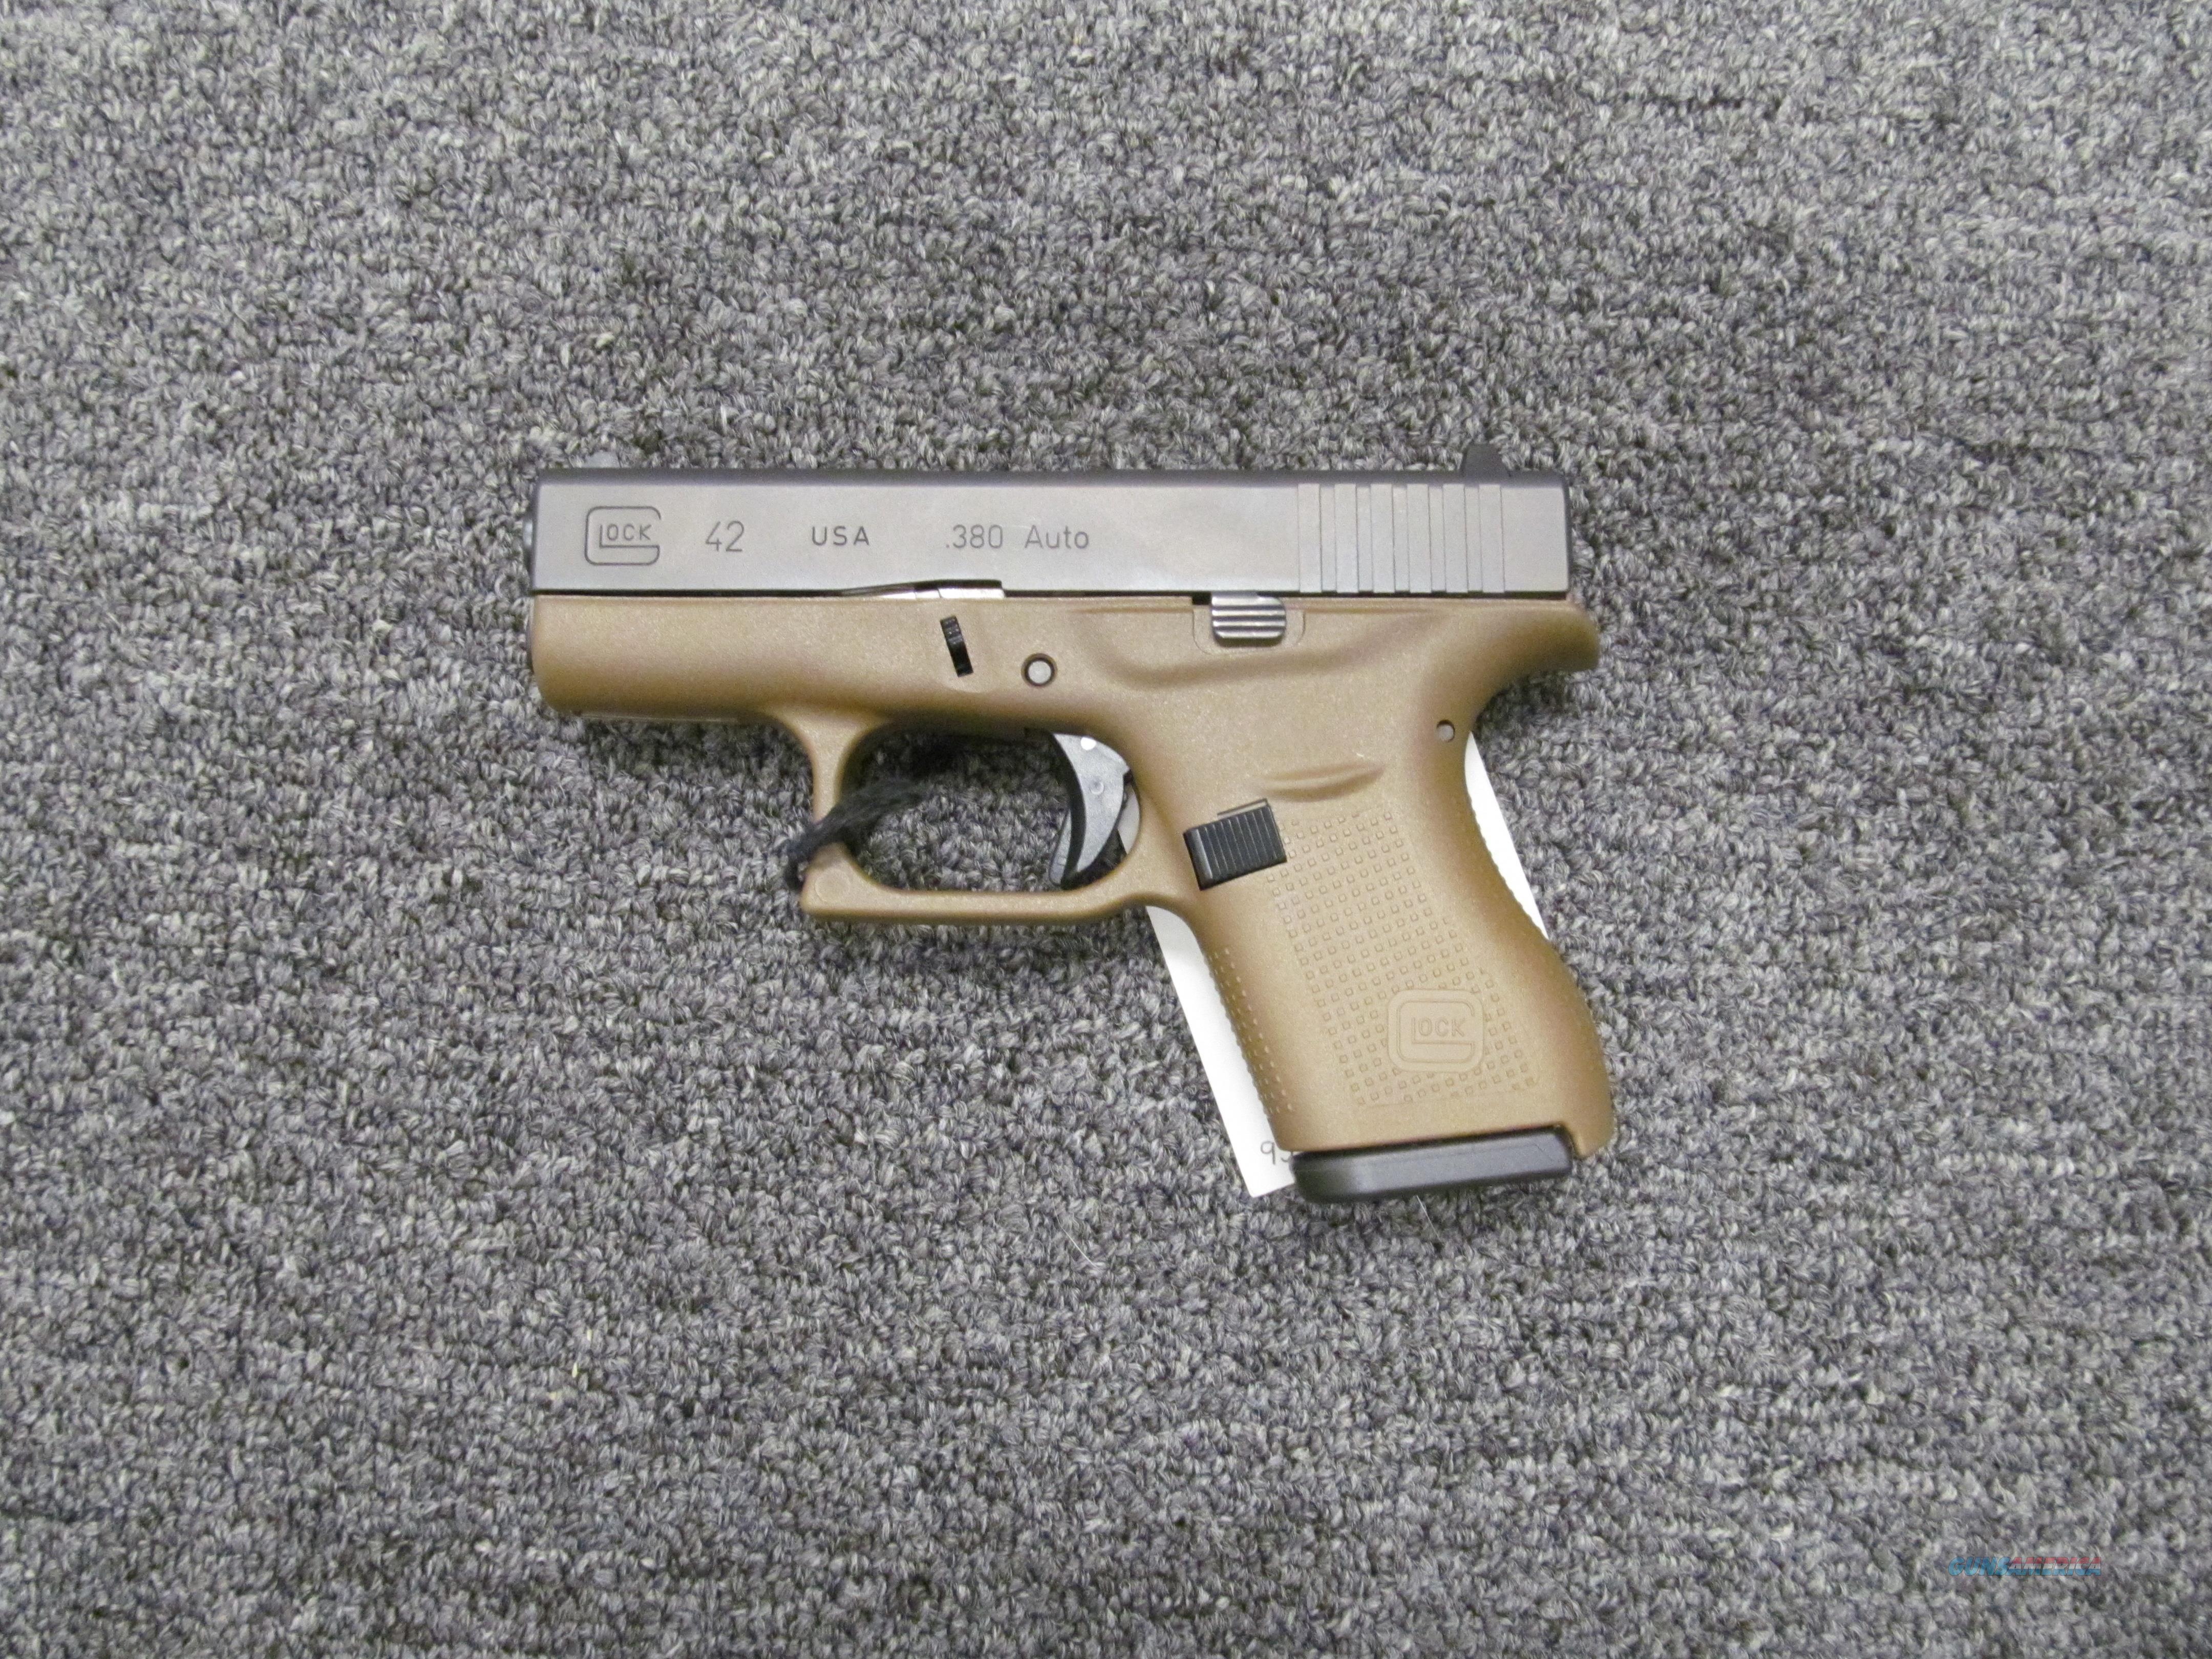 Glock 42 FDE